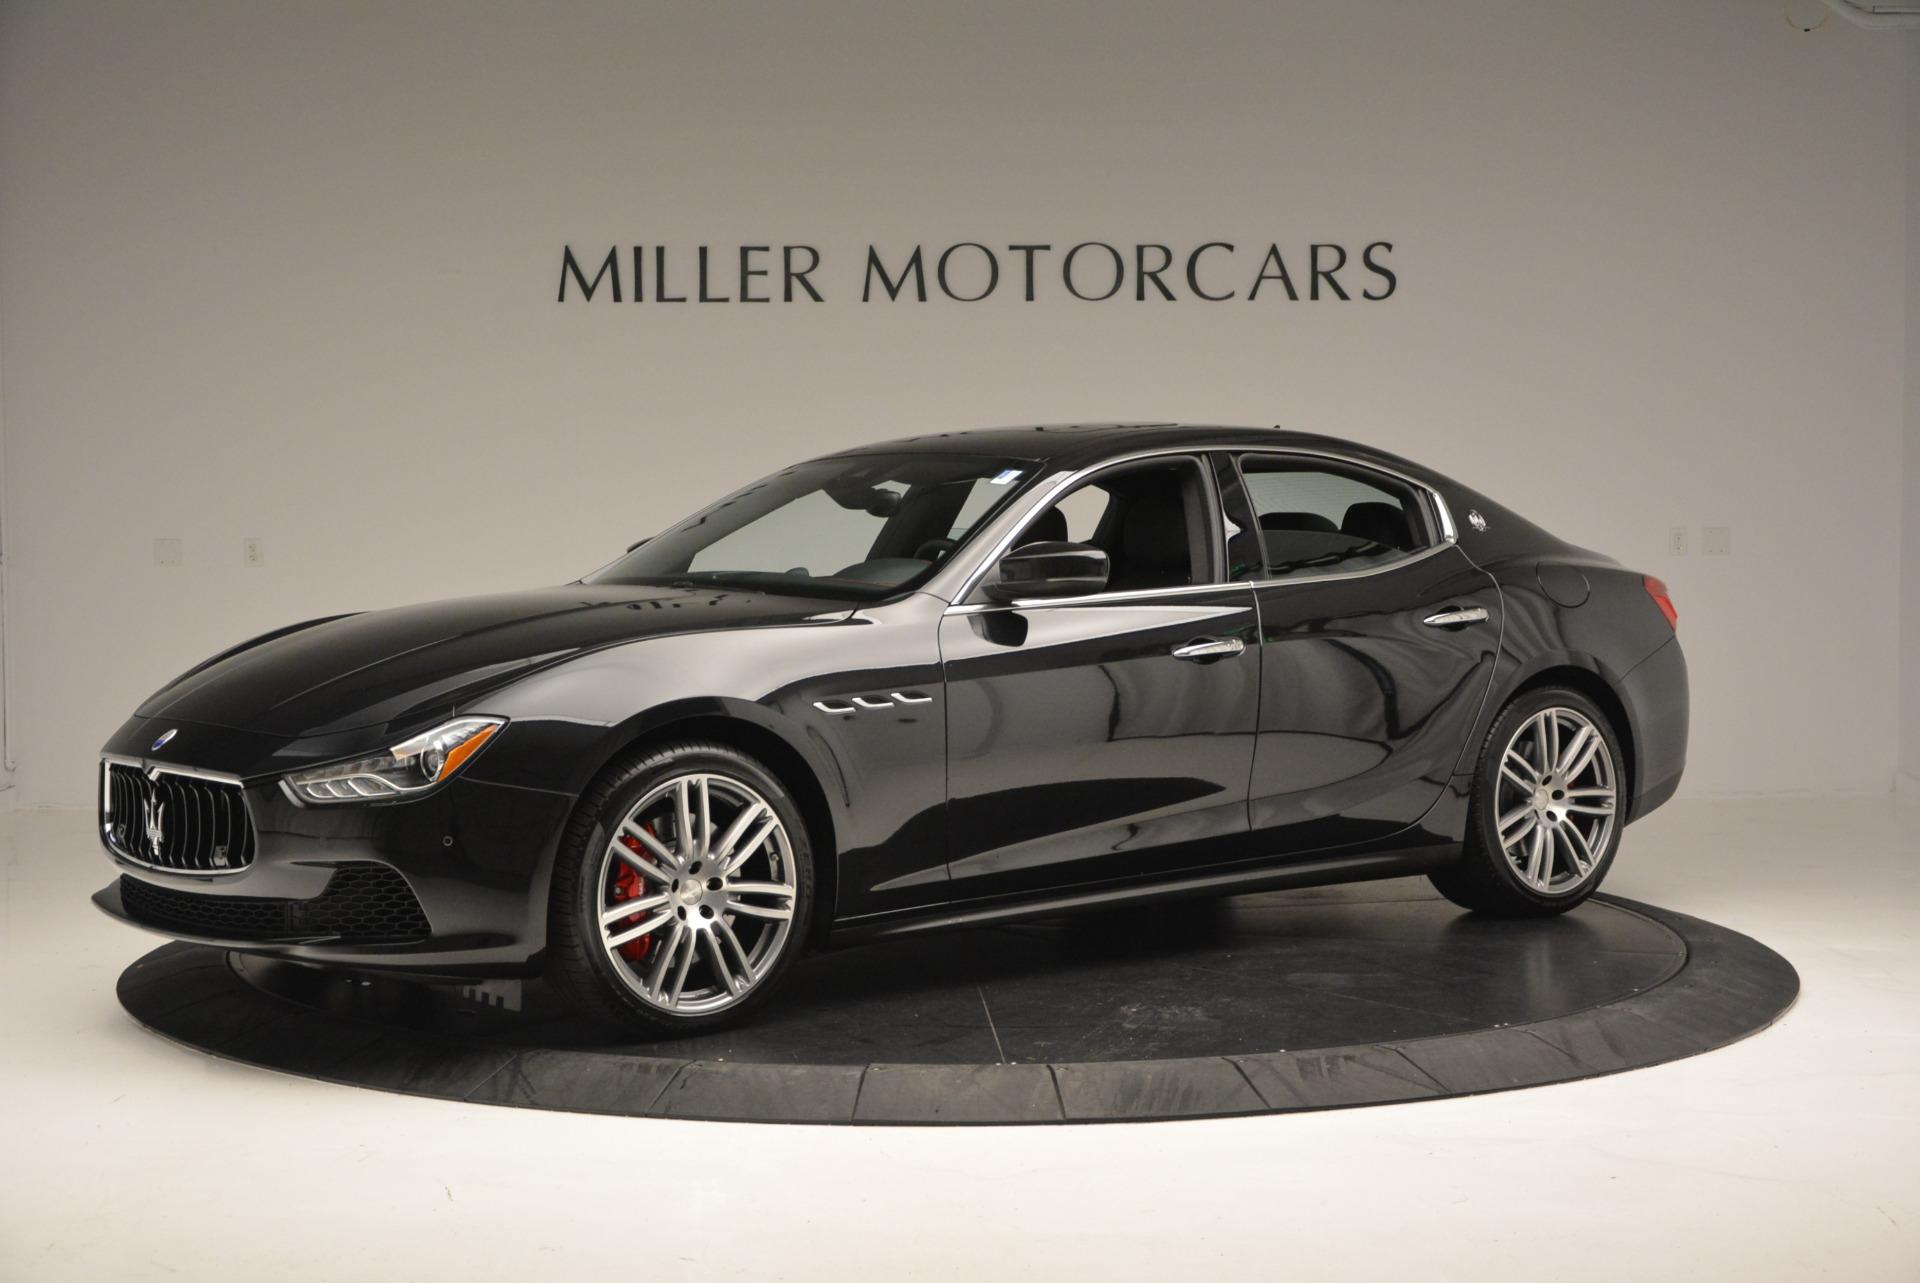 New 2017 Maserati Ghibli S Q4 For Sale In Greenwich, CT 575_p2